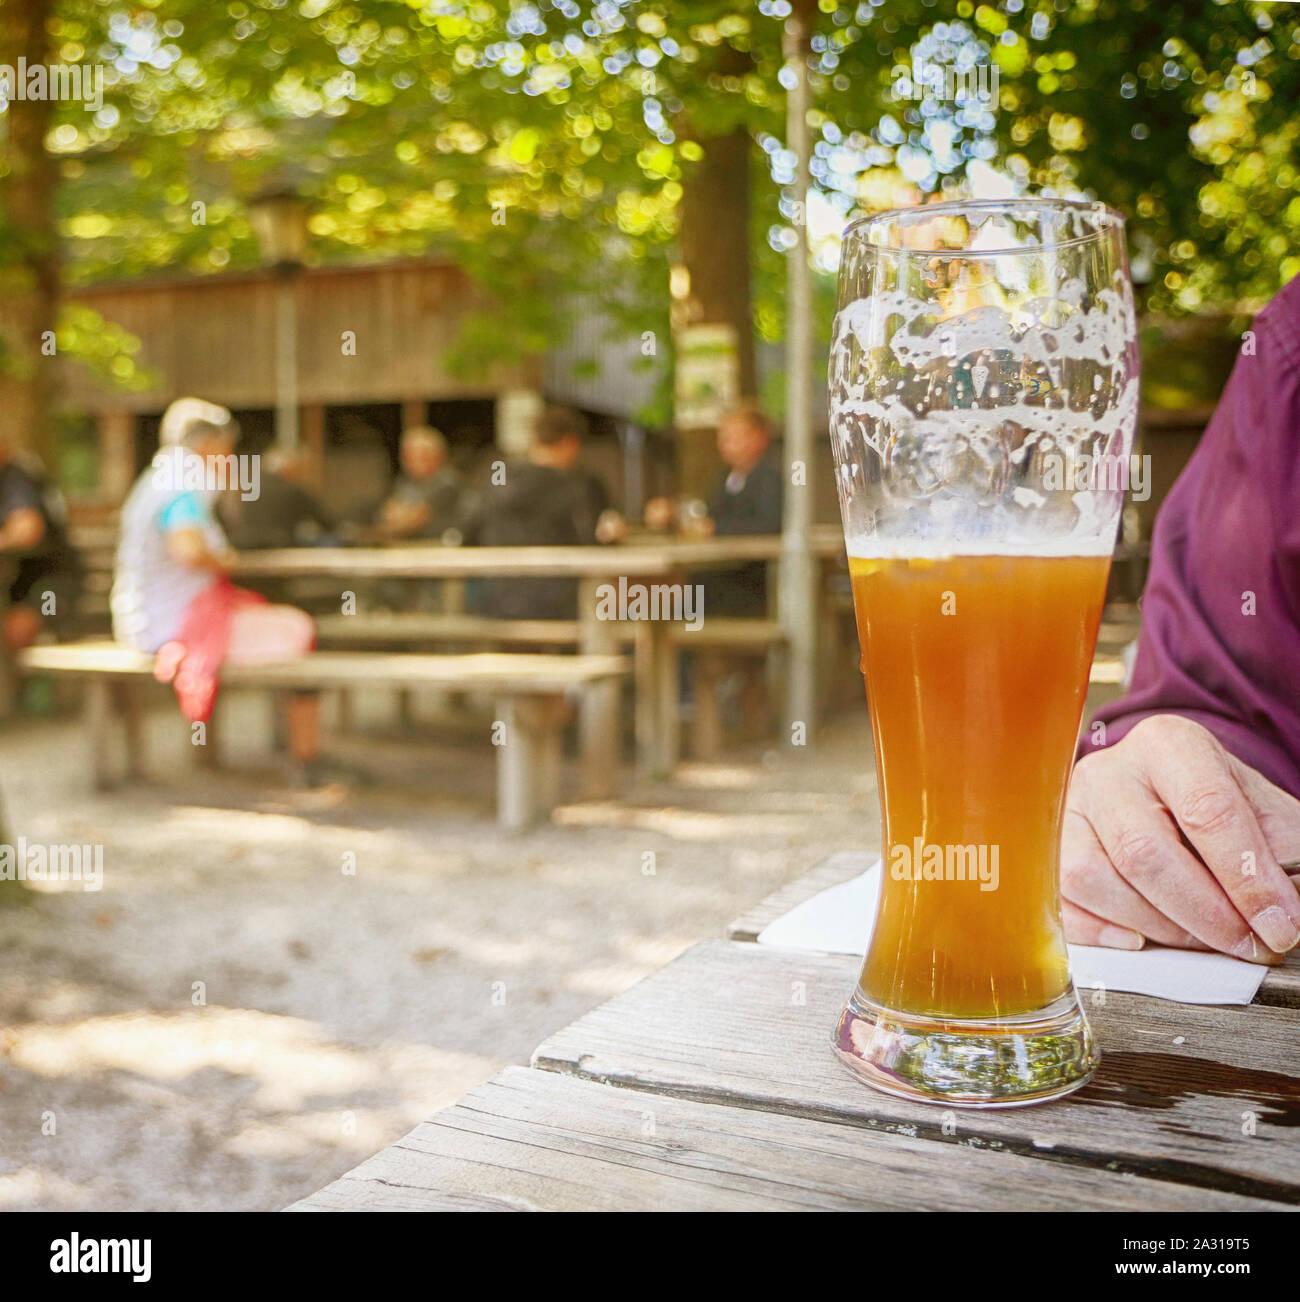 Verre de bière bavaroise au beer garden, arrière-plan flou Banque D'Images